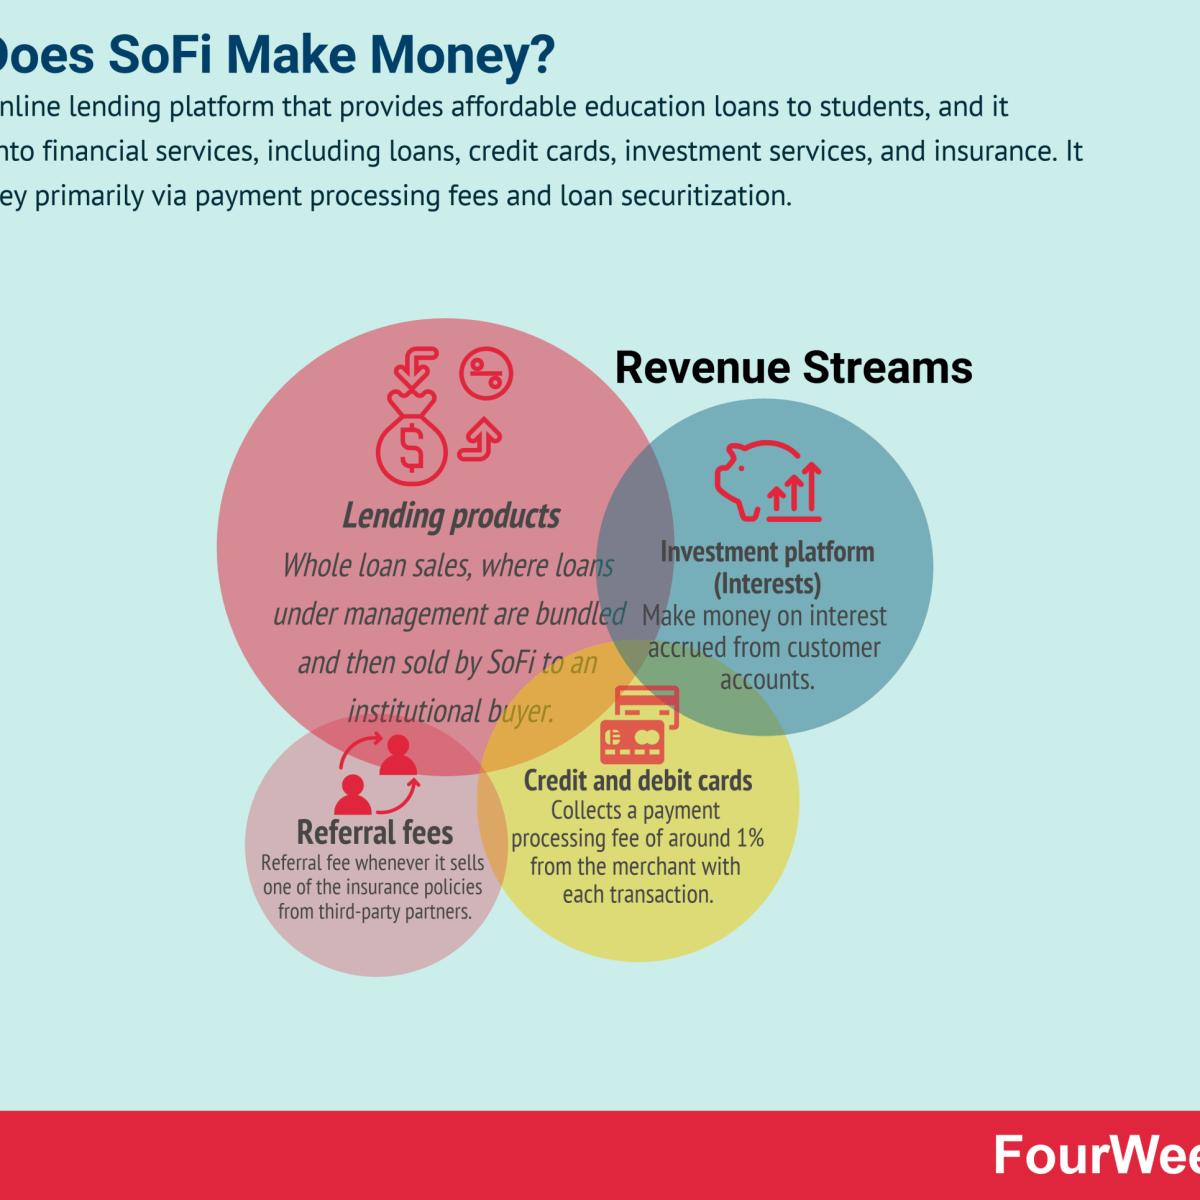 How Does SoFi Make Money?